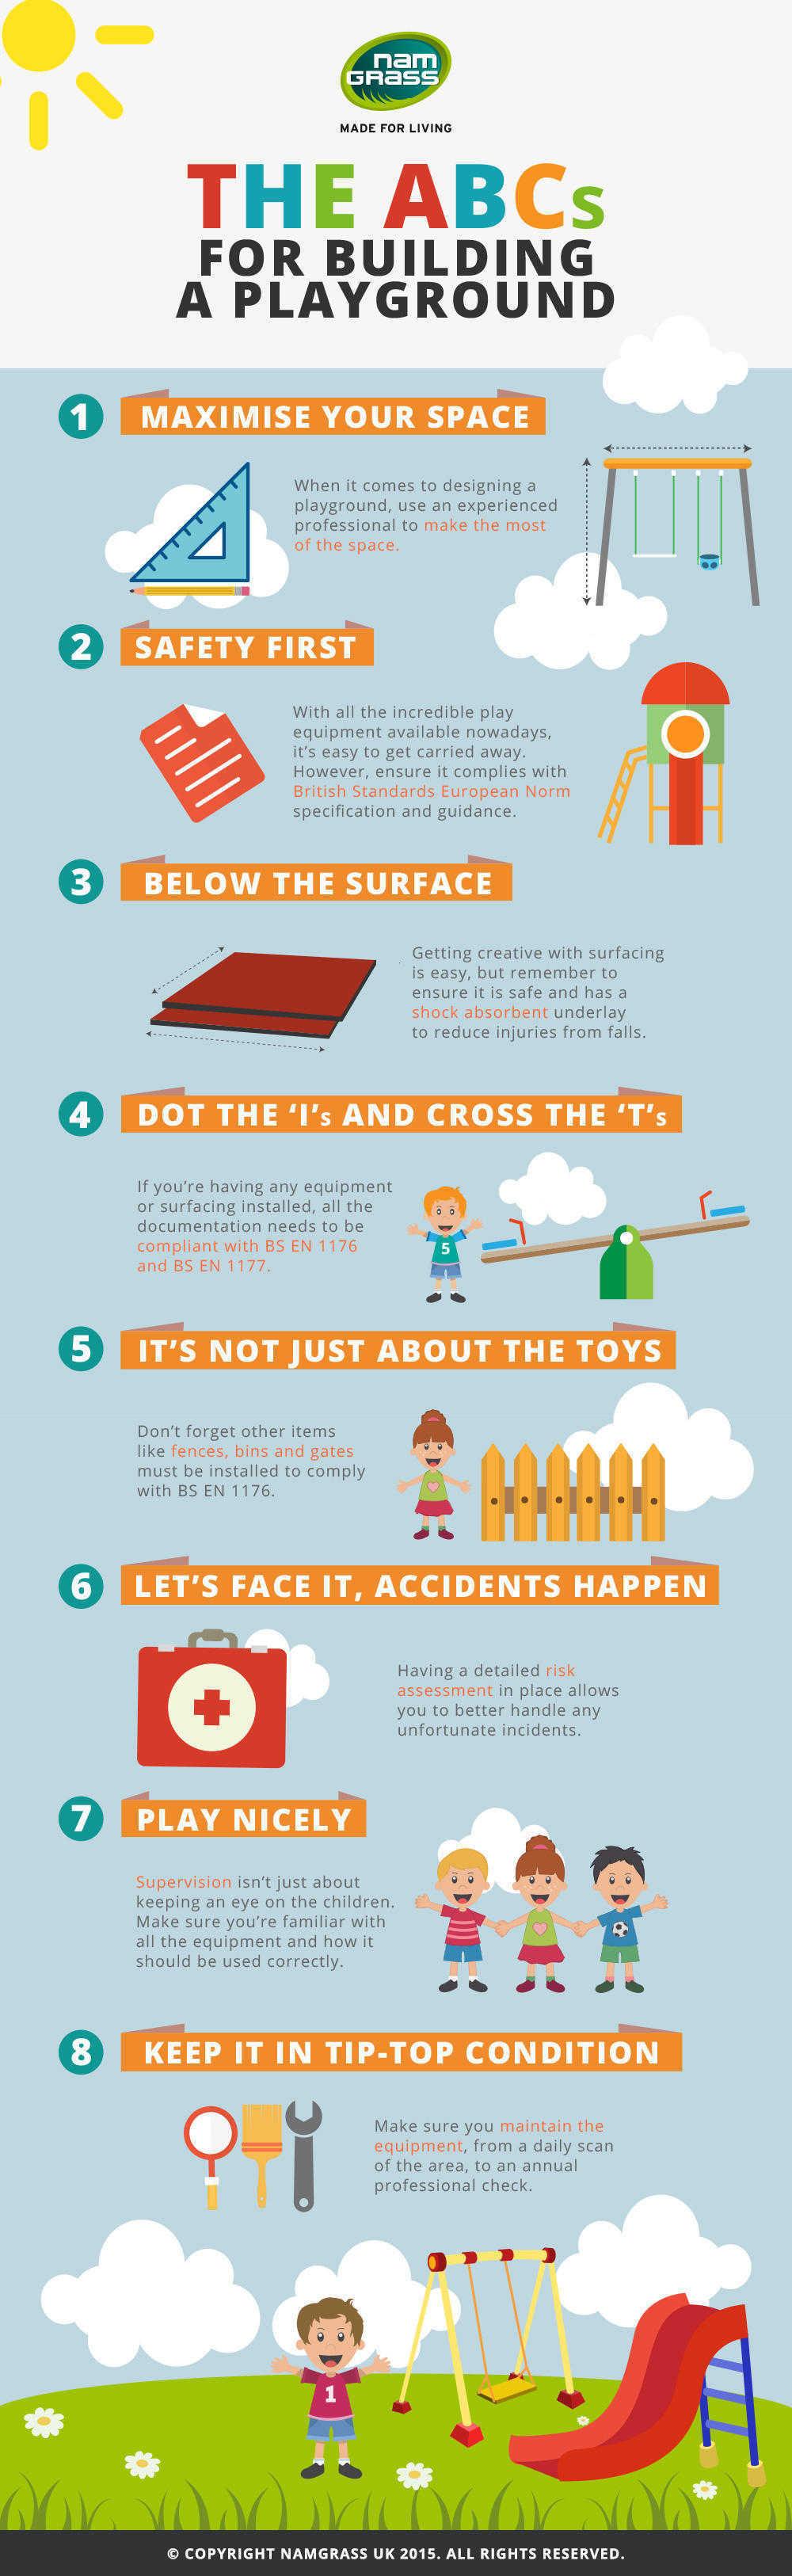 Namgrass Playground Infographic